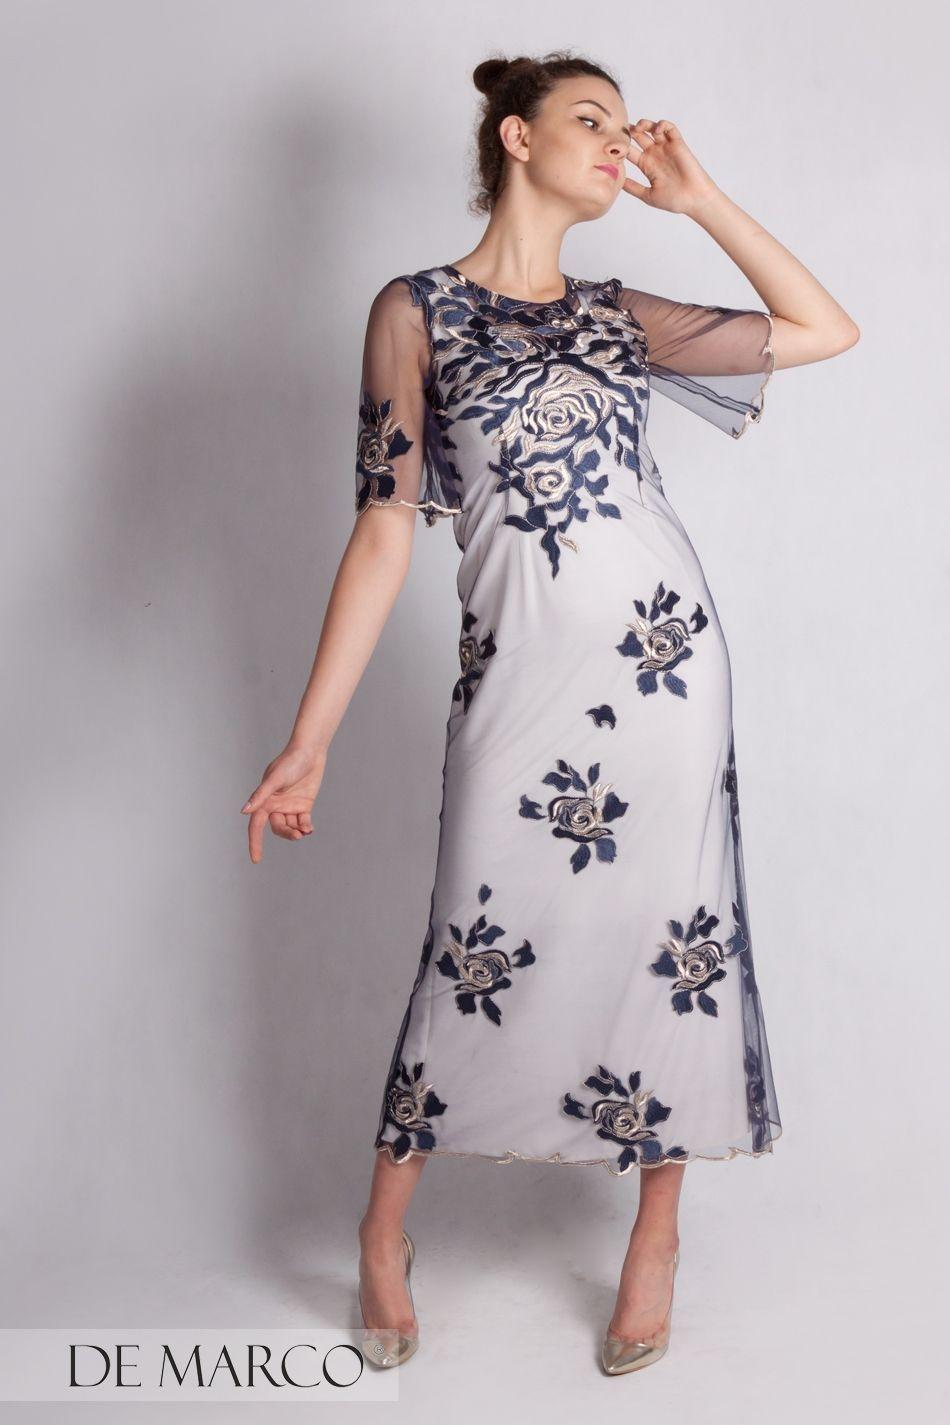 431c099574 Długa sukienka na bal dedykowana mamie wesela D szyta na miarę w De Marco  D